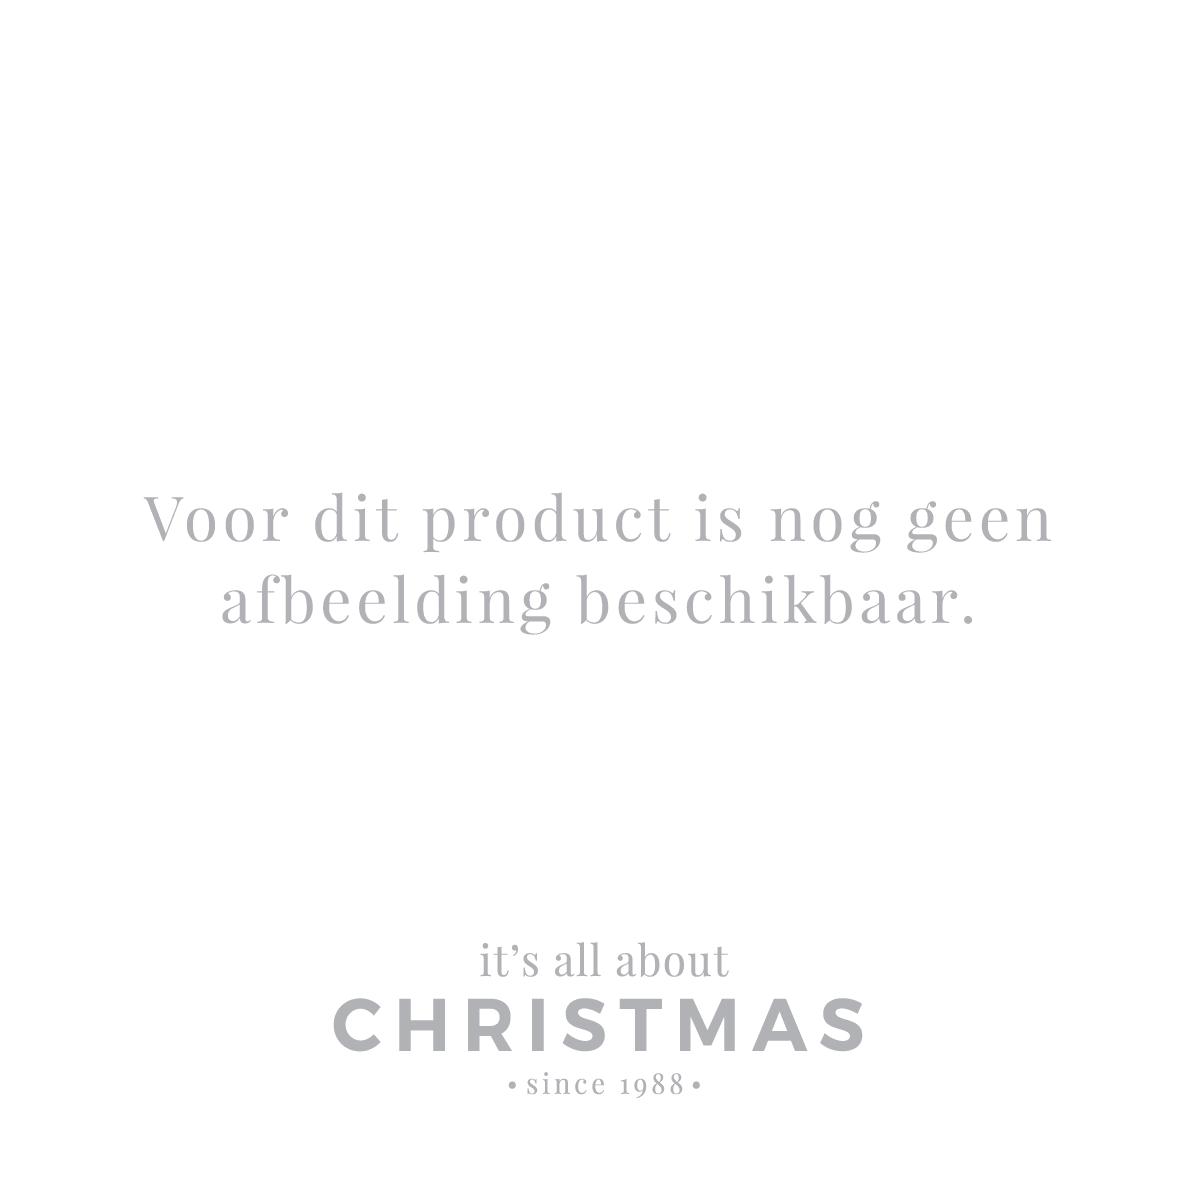 Christbaumkugeln 25 Cm.Plastic Baubles 25cm Black White Christmasdecorations Co Uk